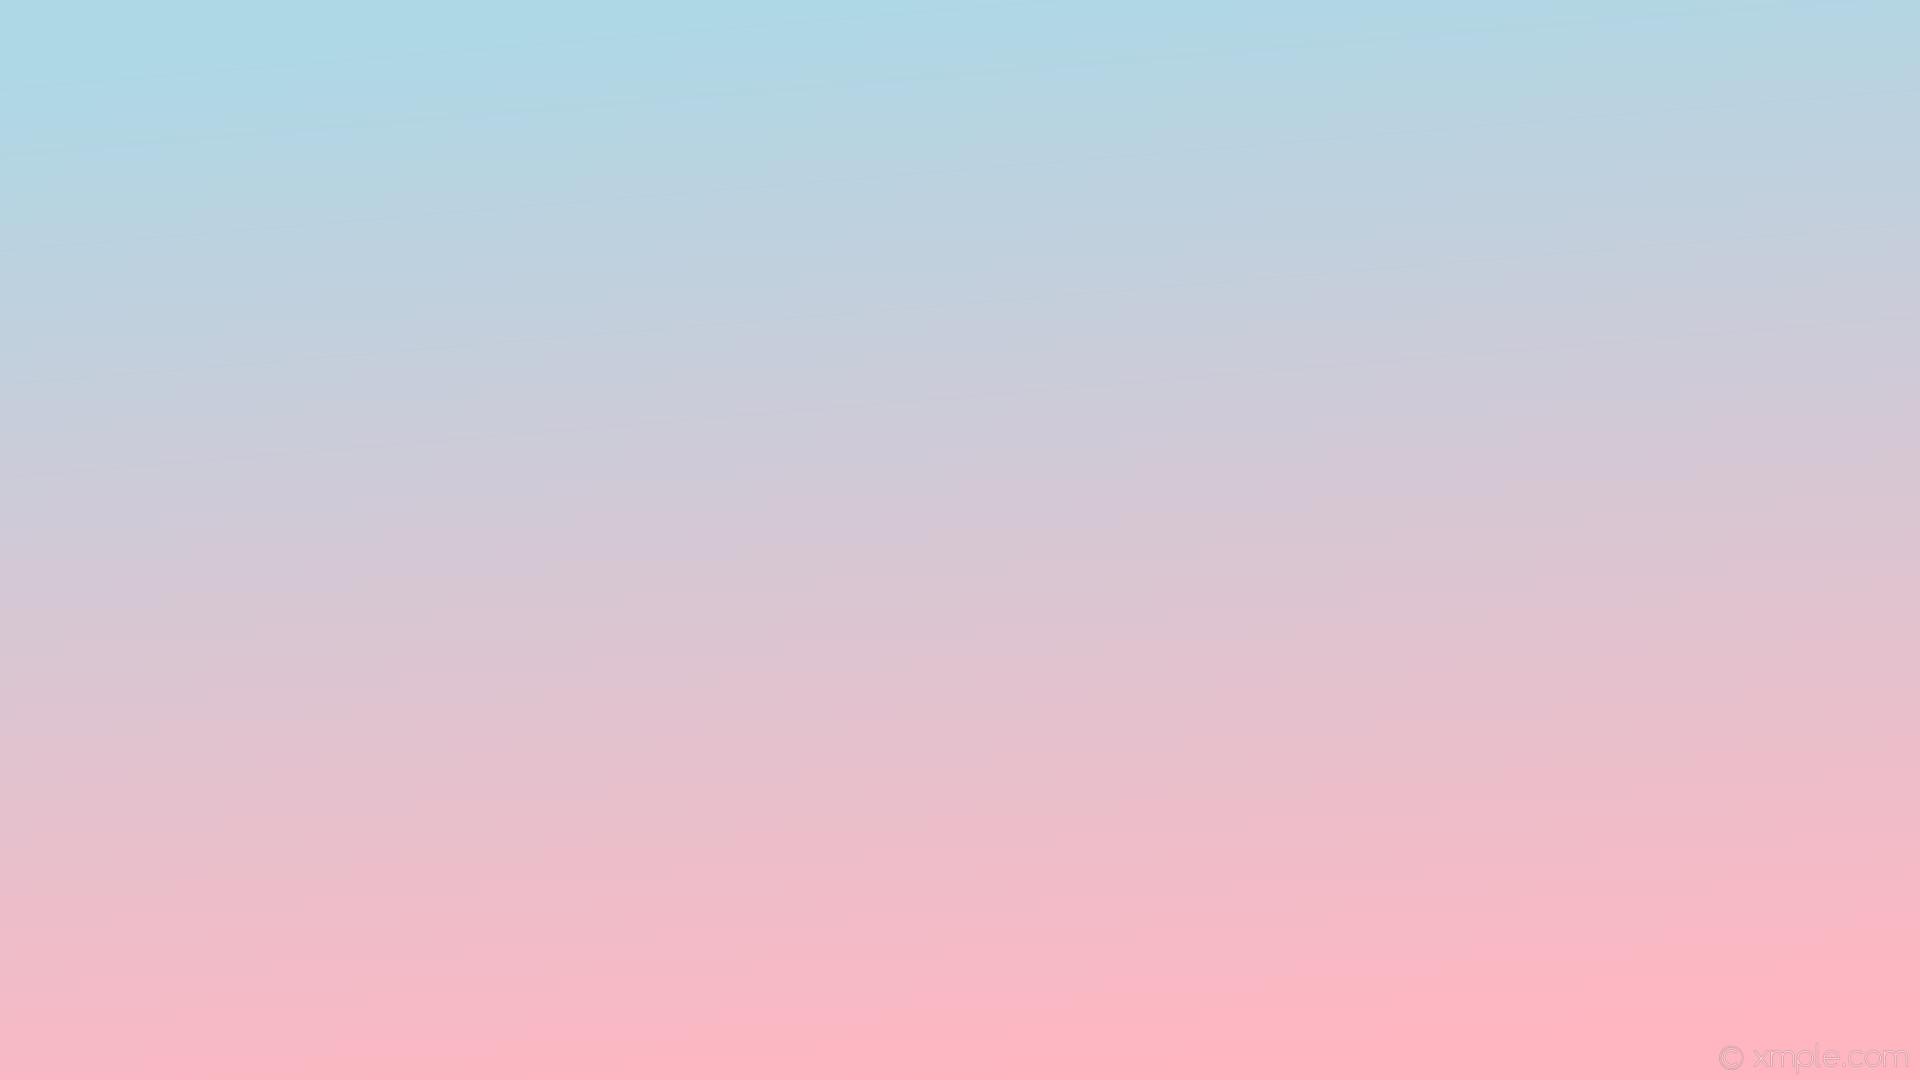 blue and pink wallpaper 81 images. Black Bedroom Furniture Sets. Home Design Ideas